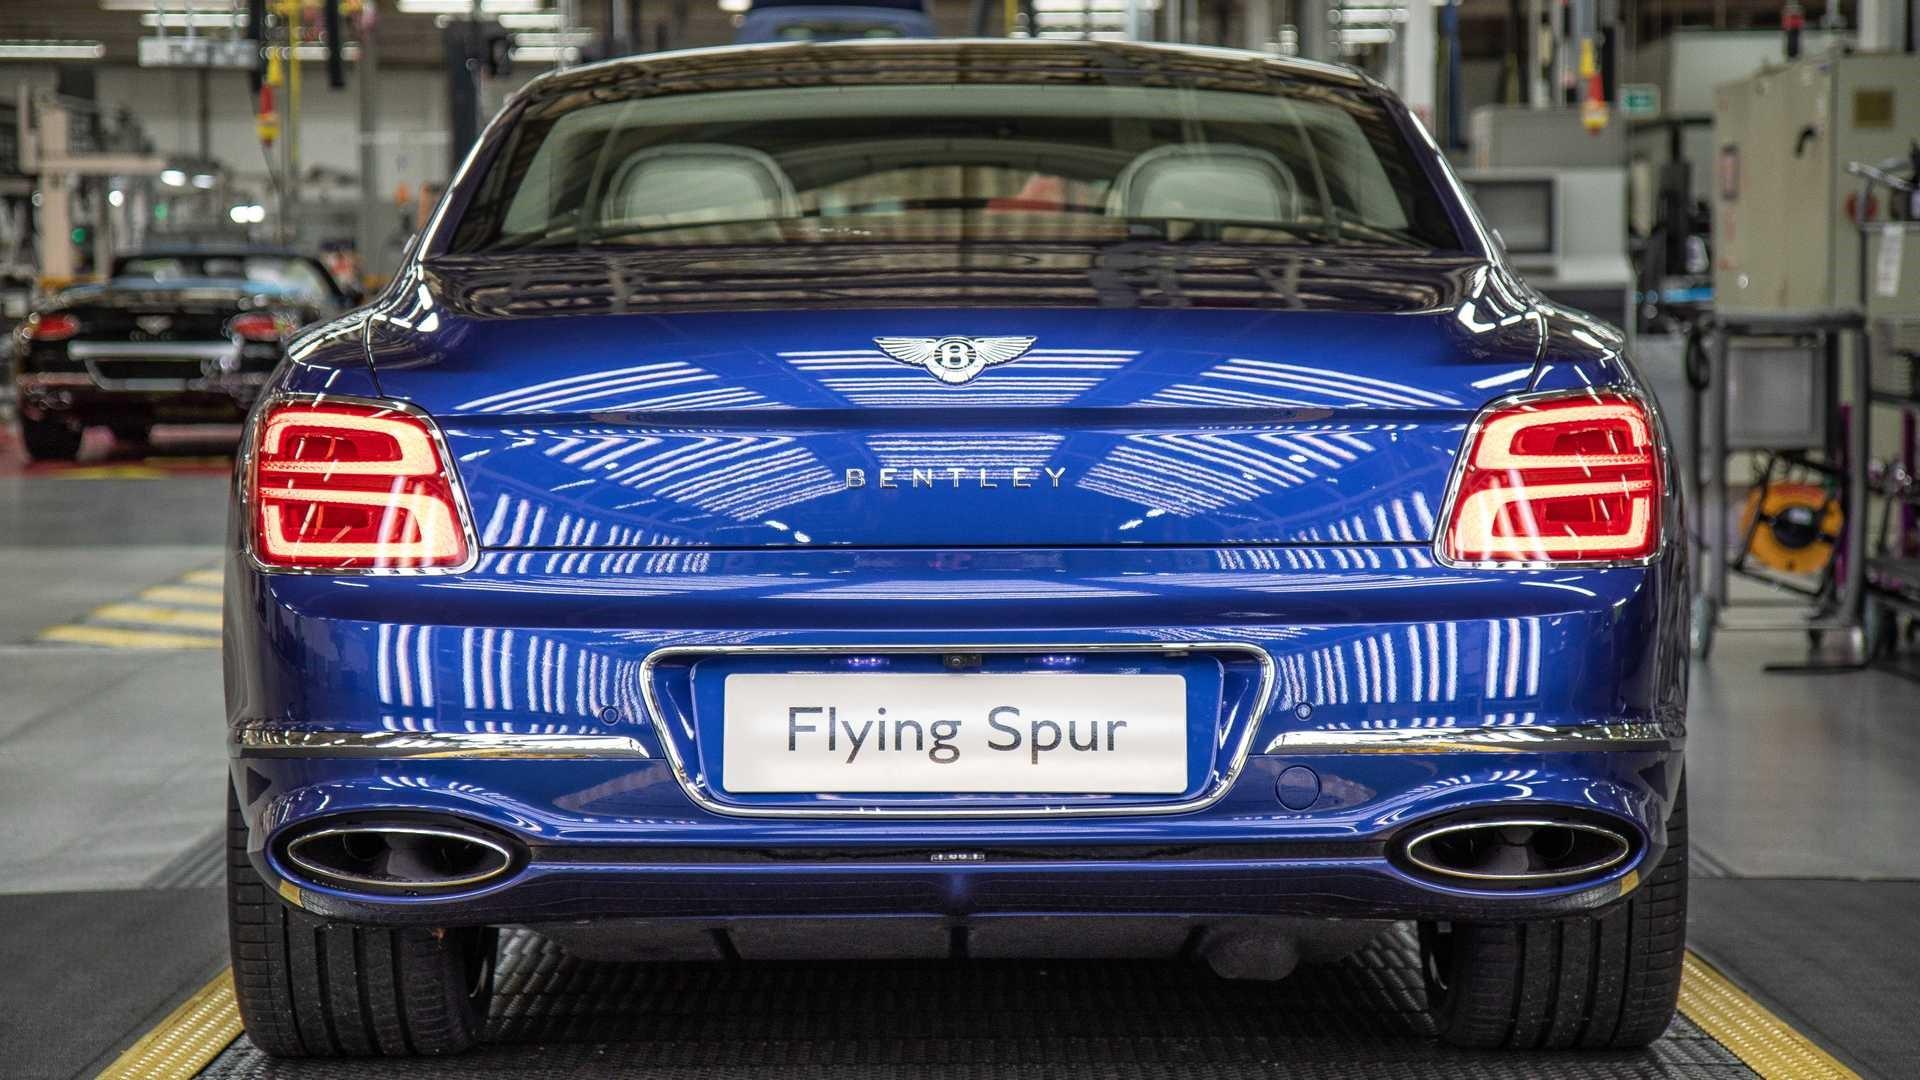 首次引入全轮转向系统全新宾利飞驰正式投入生产